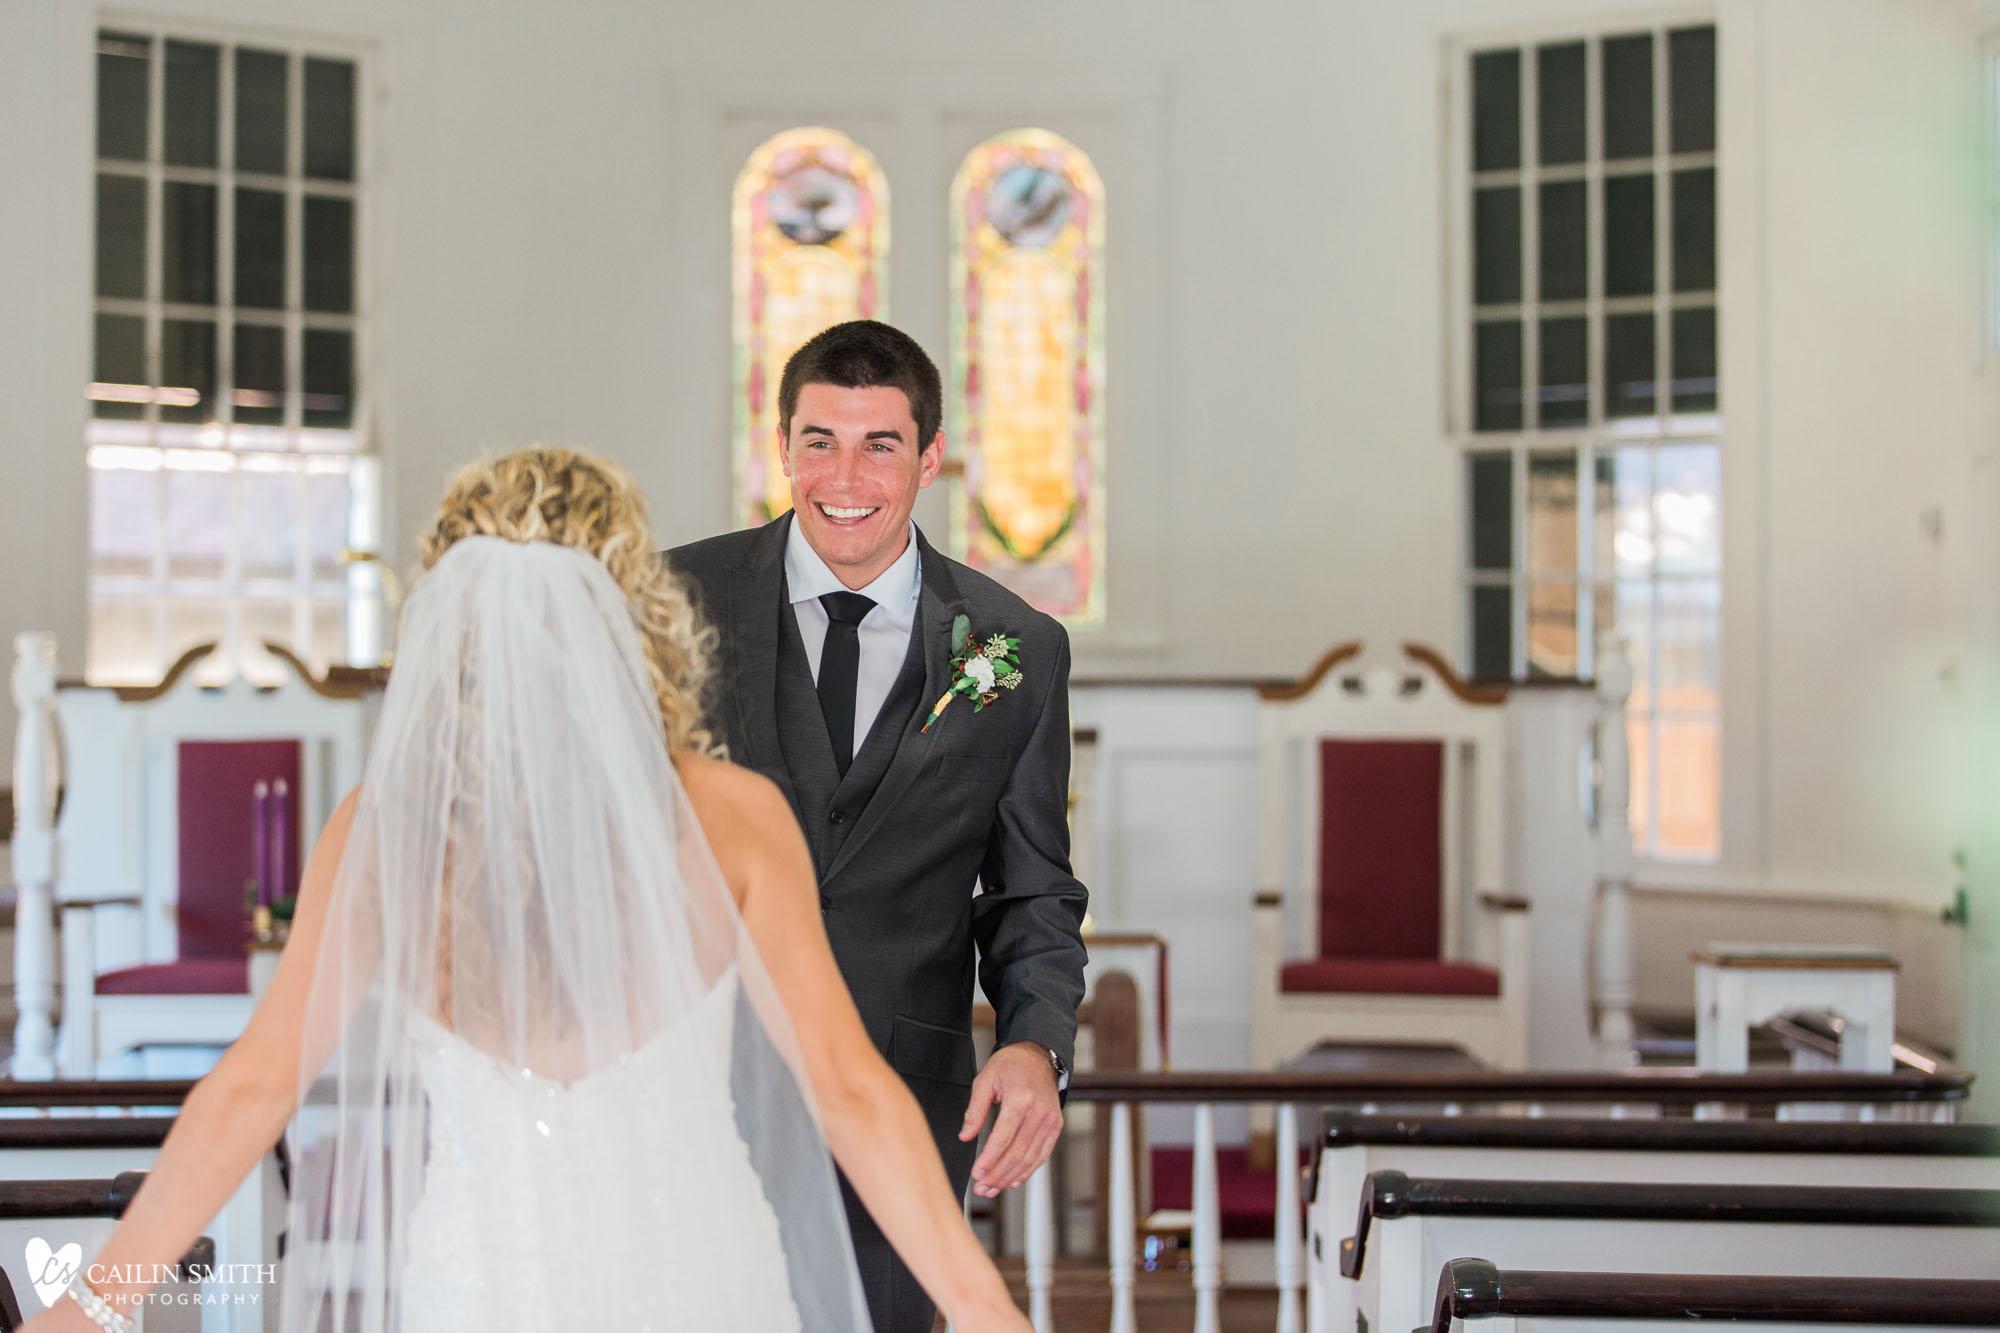 Leah_Major_St_Marys_Wedding_Photography_028.jpg